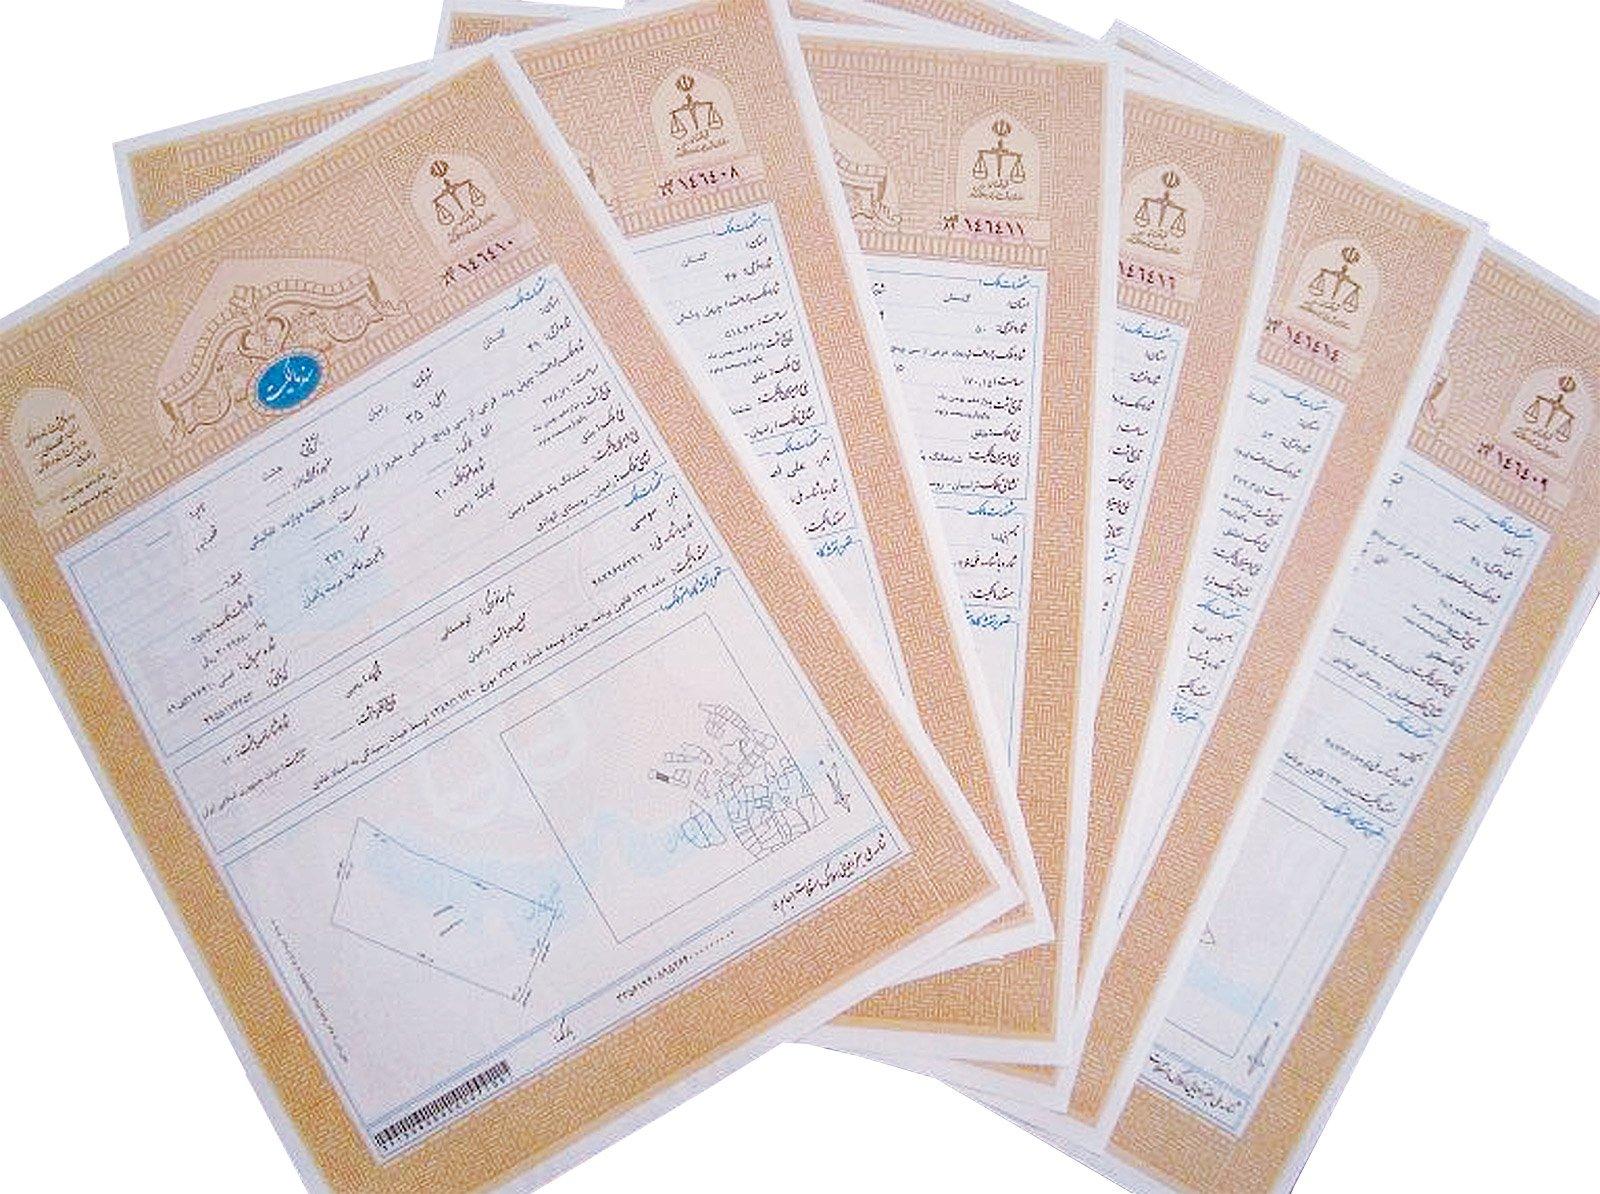 صدور ۵۶ هزار ۴۸۱ فقره سند در همدان/ توقف ارائه خدمات به اسناد مالکیت دفترچهای